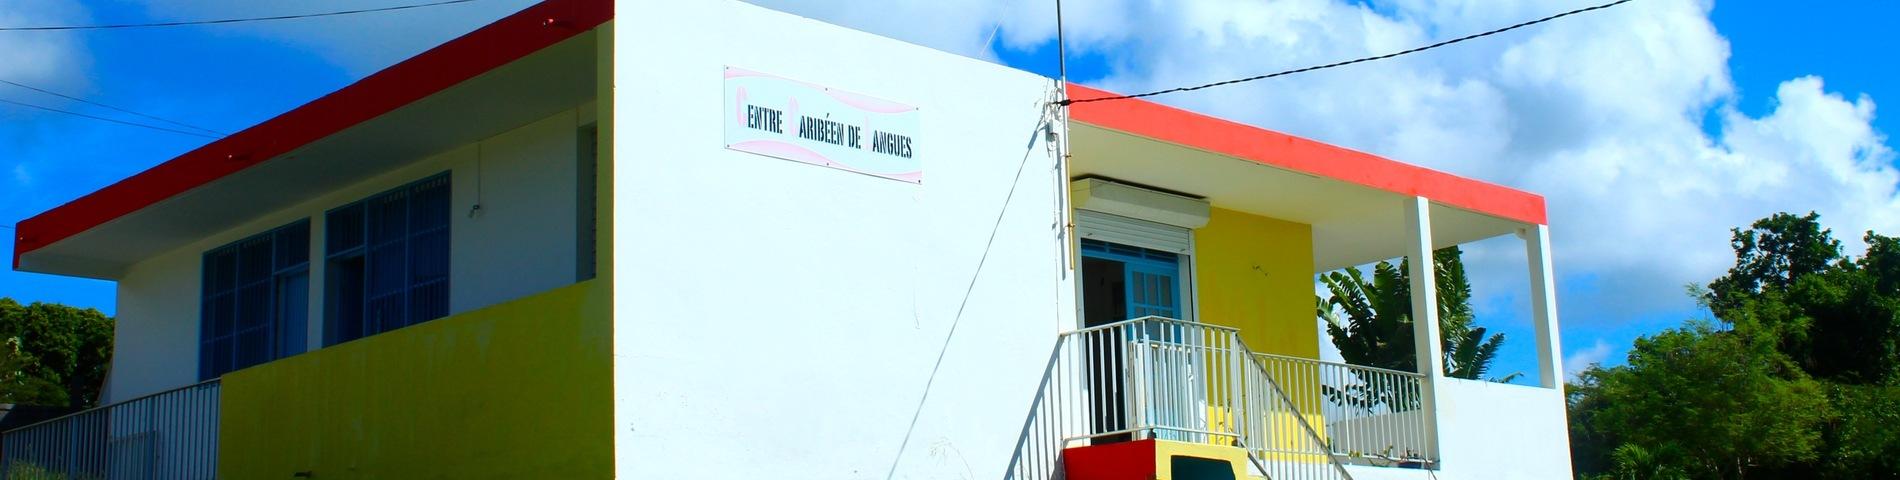 Centre Caribéen de Langues bild 1